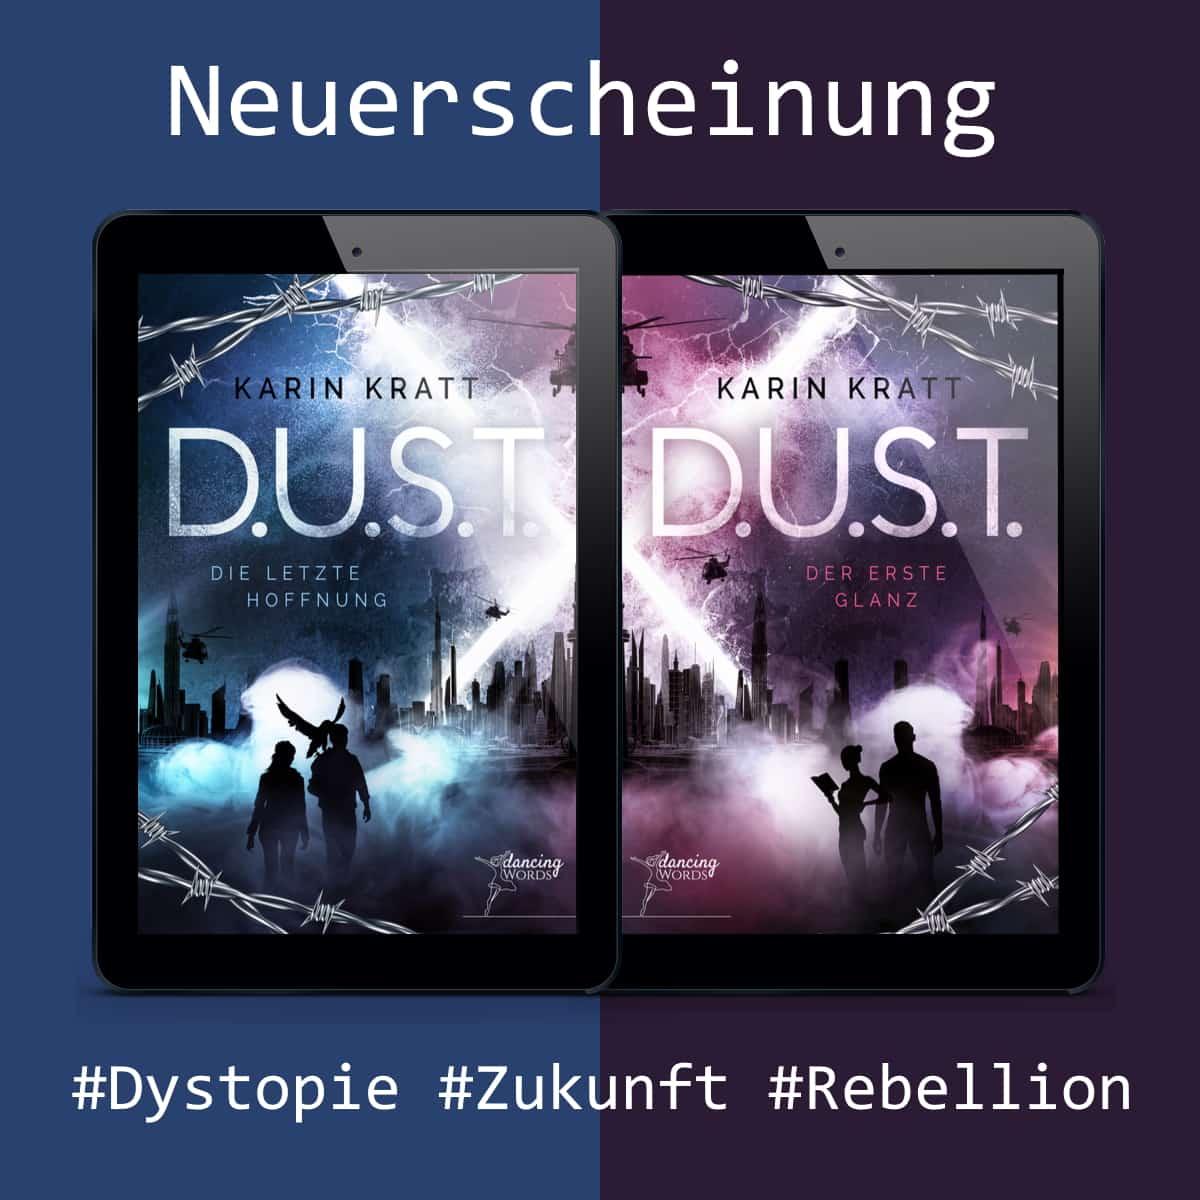 D.U.S.T. Cover - Dystopie von Karin Kratt